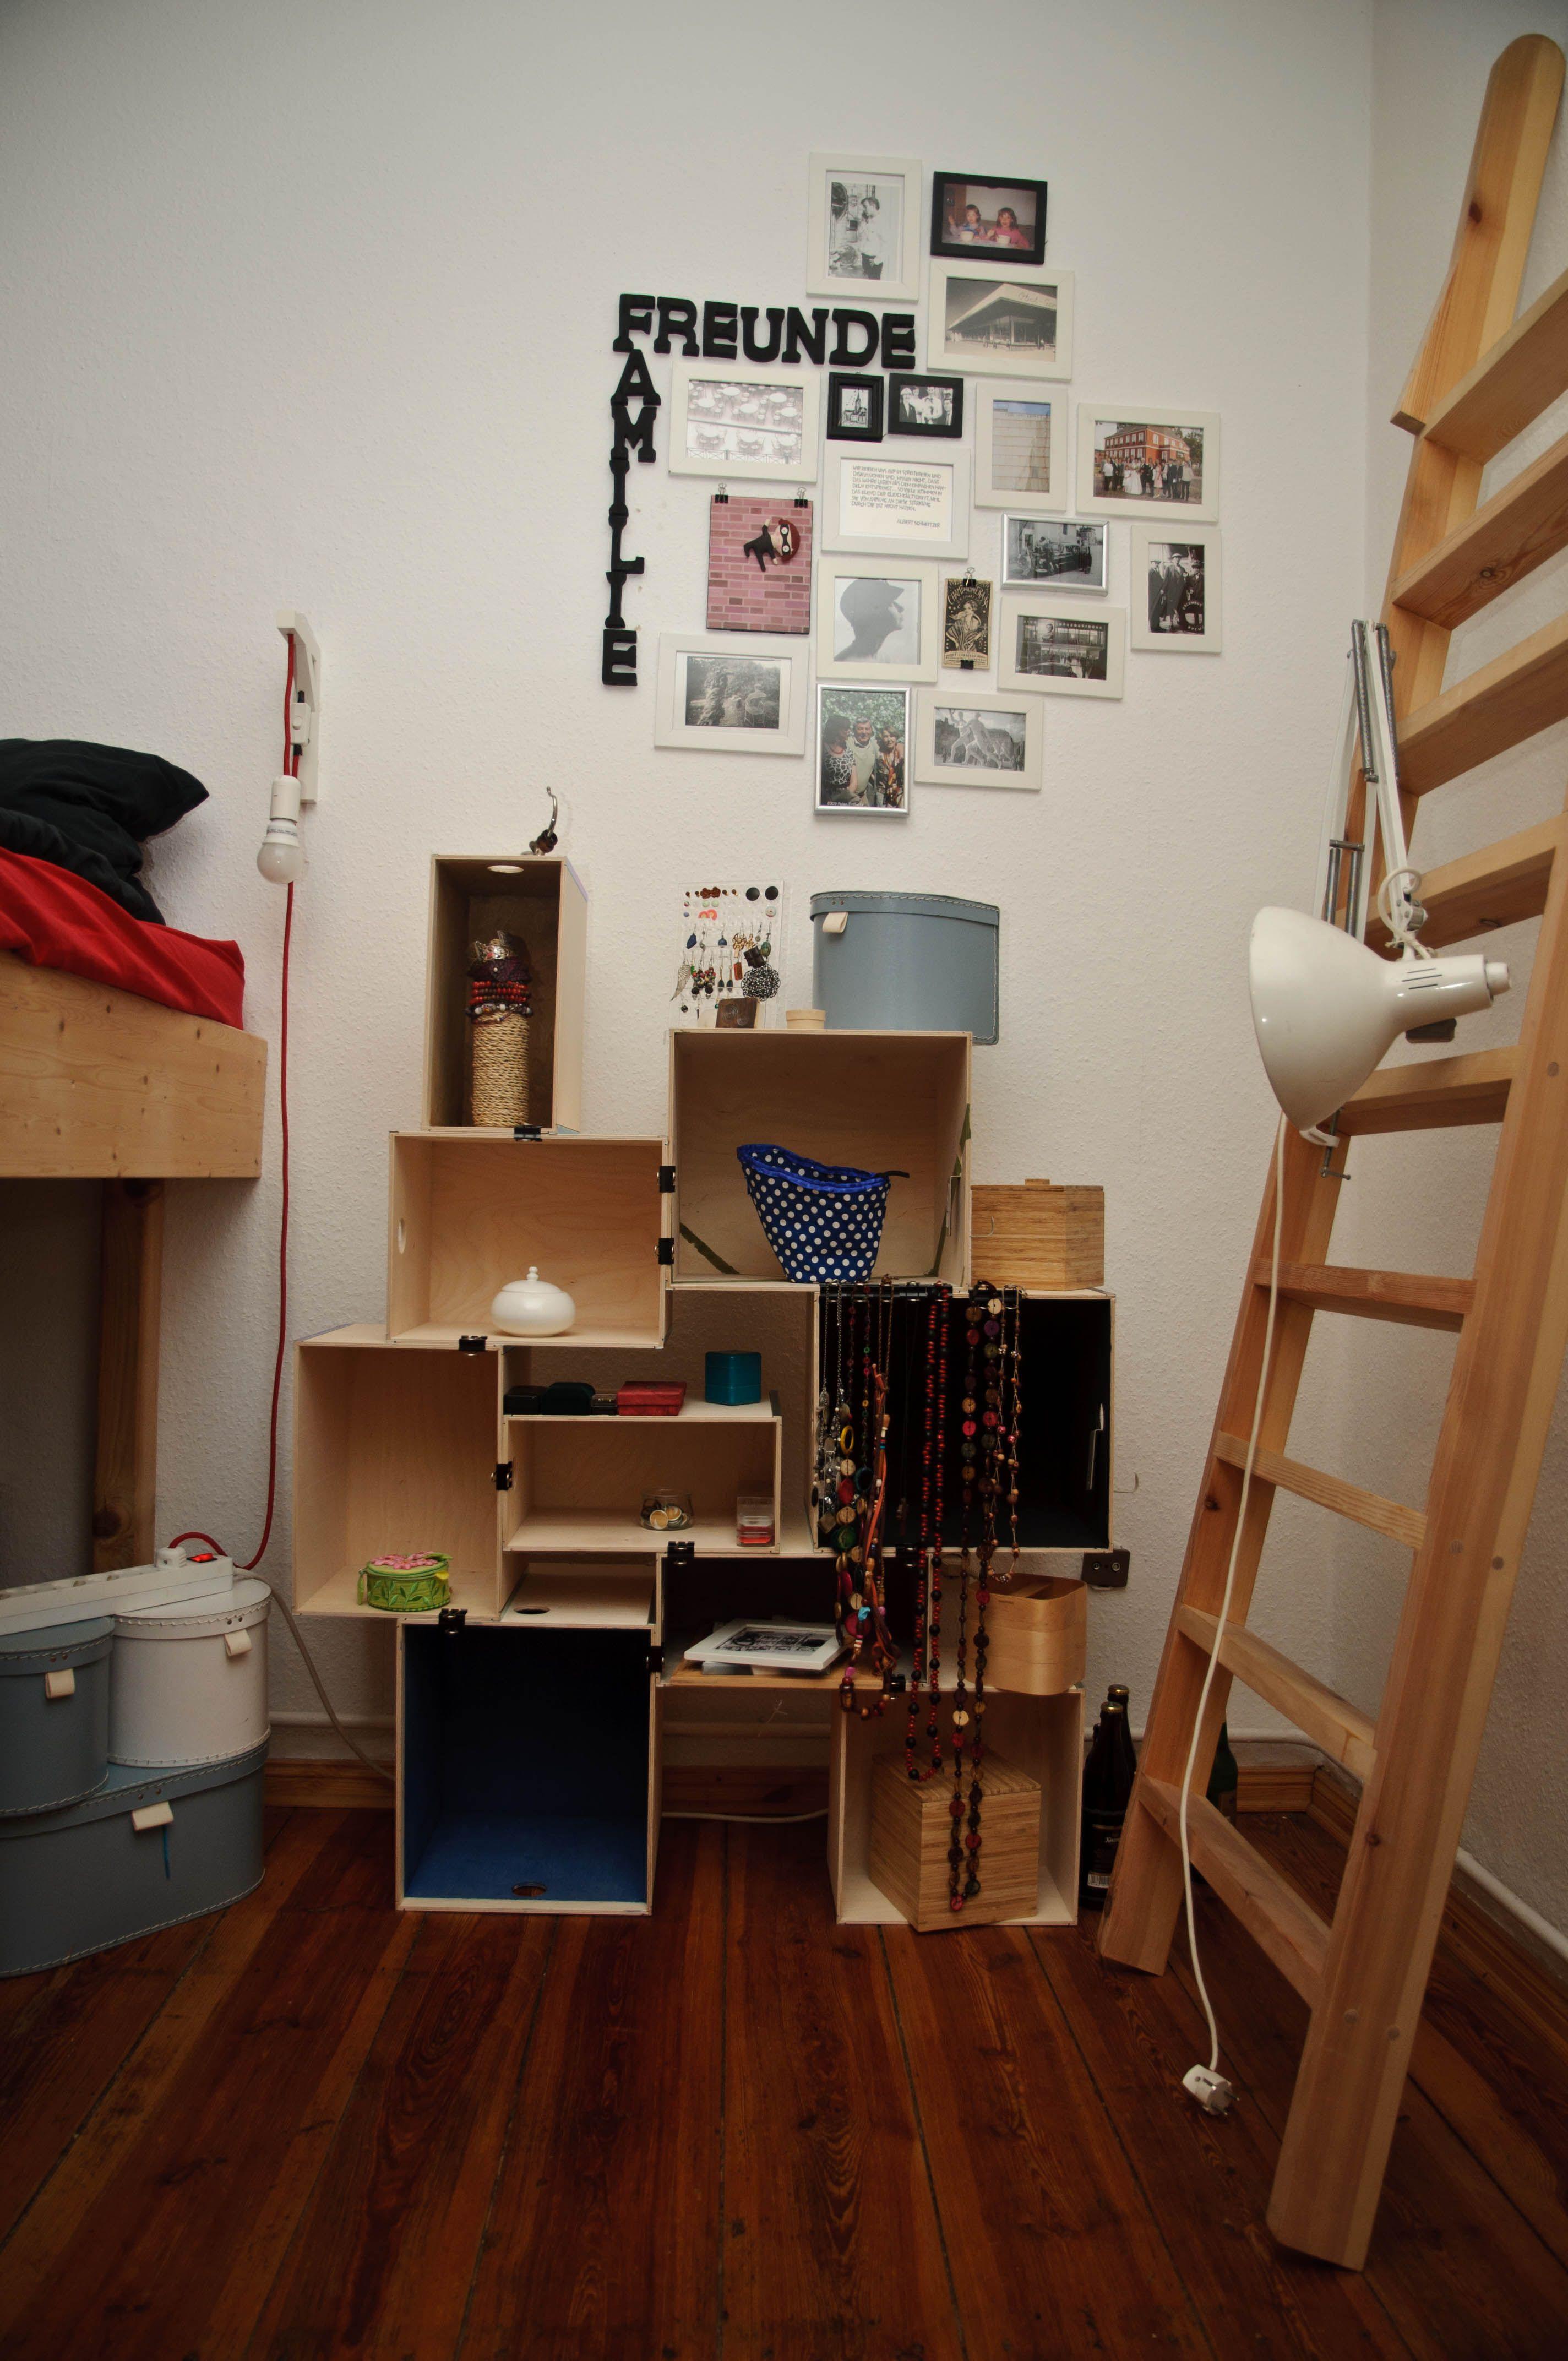 Fesselnde Coole Nachttischlampe Sammlung Von Nachttischlampe, Fotowand, Ikea-hack Nachttisch. Buchstaben Aus Holz